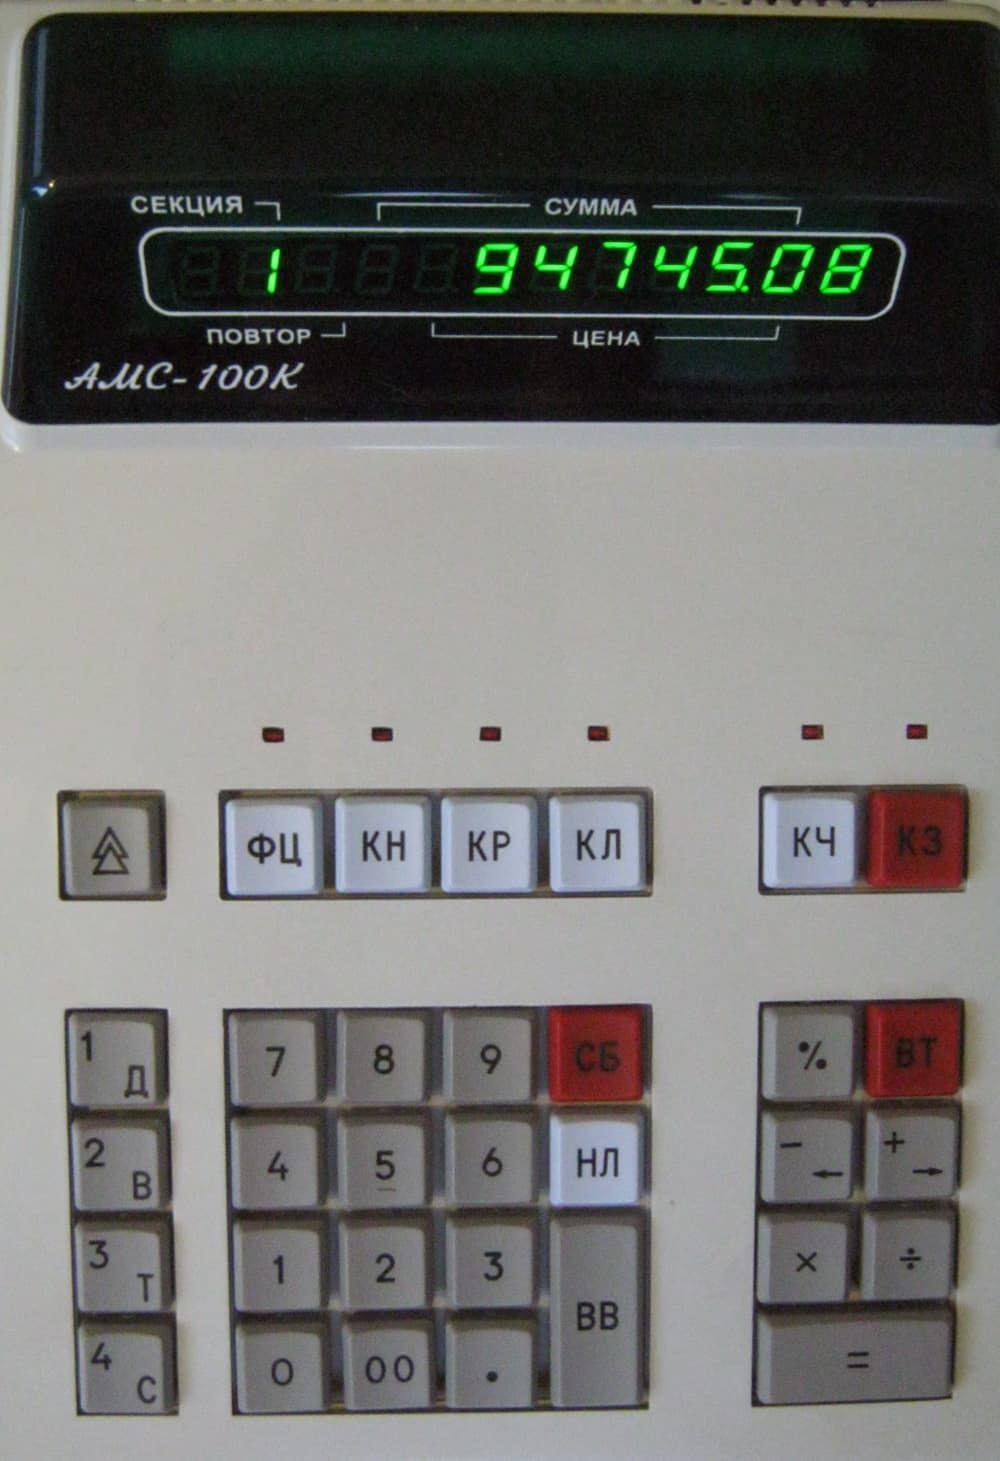 Как сделать возврат чека на кассовом аппарате амс-100к